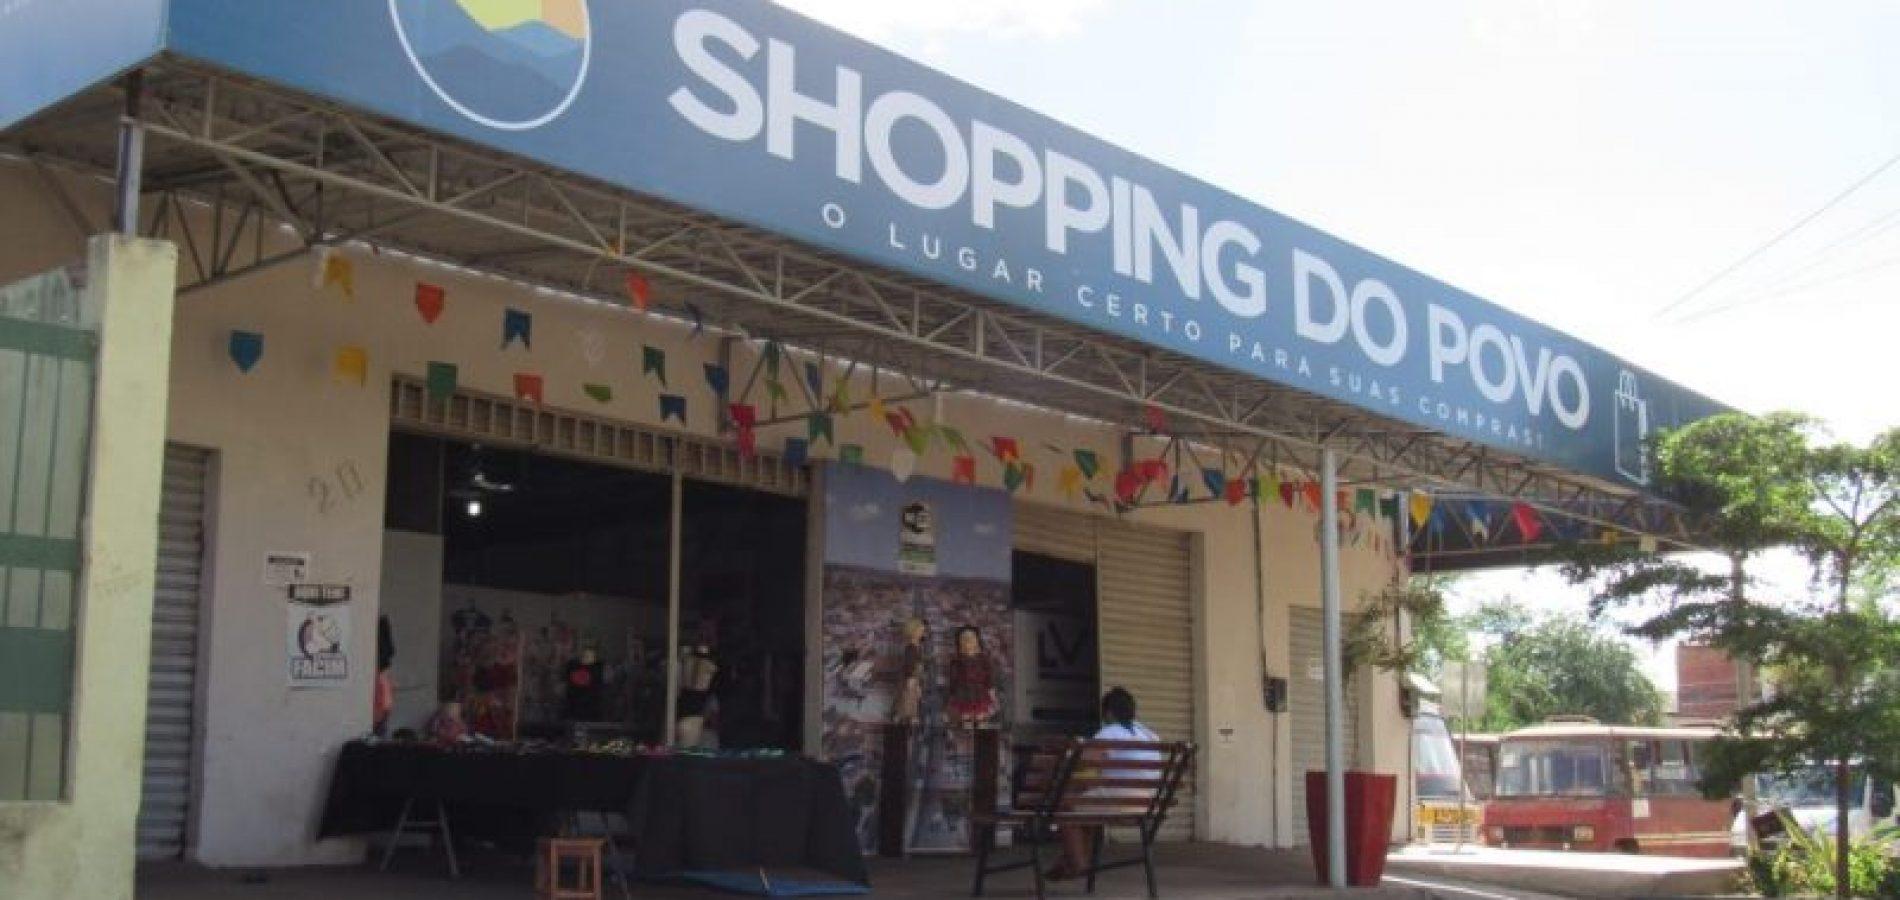 Prefeitura de Picos realiza atividades em celebração ao 1º ano do Shopping do Povo